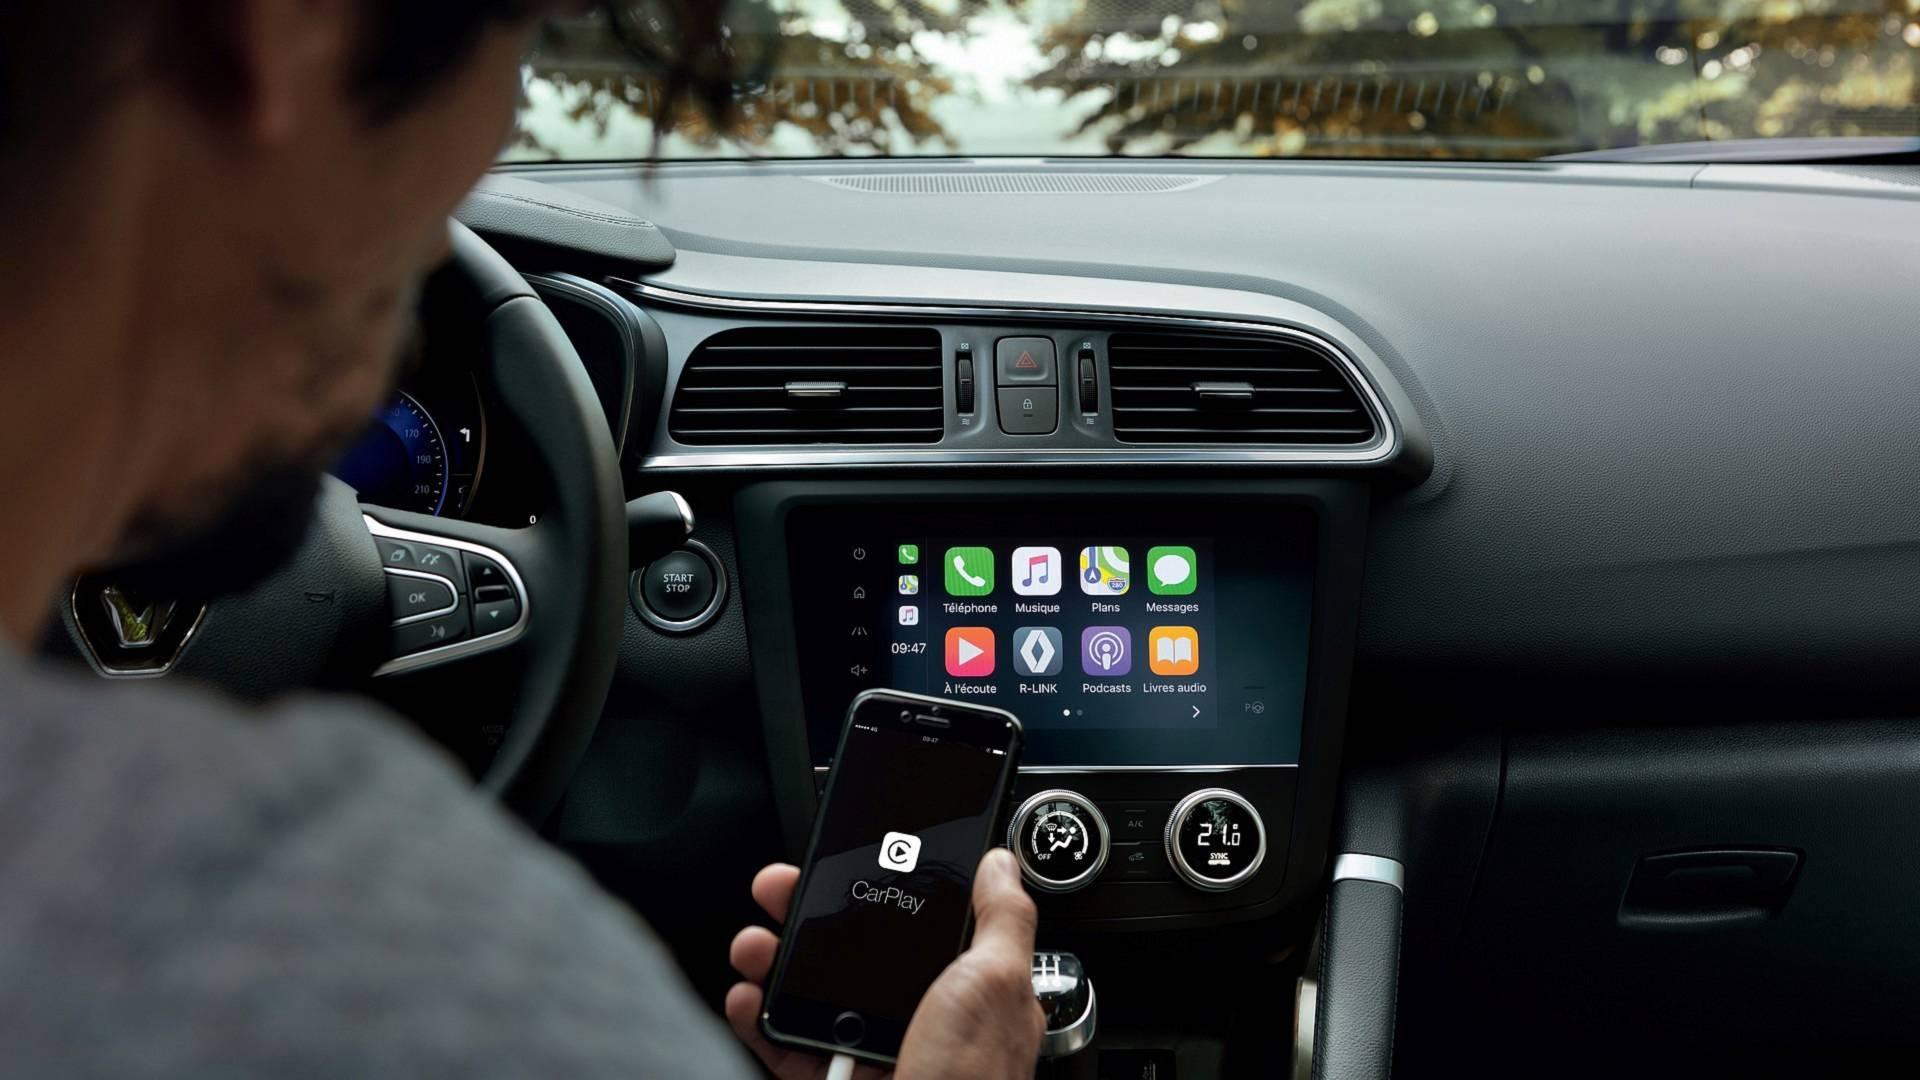 2019 Renault Kadjar Gets More Attractive Inside Amp Out 1 3